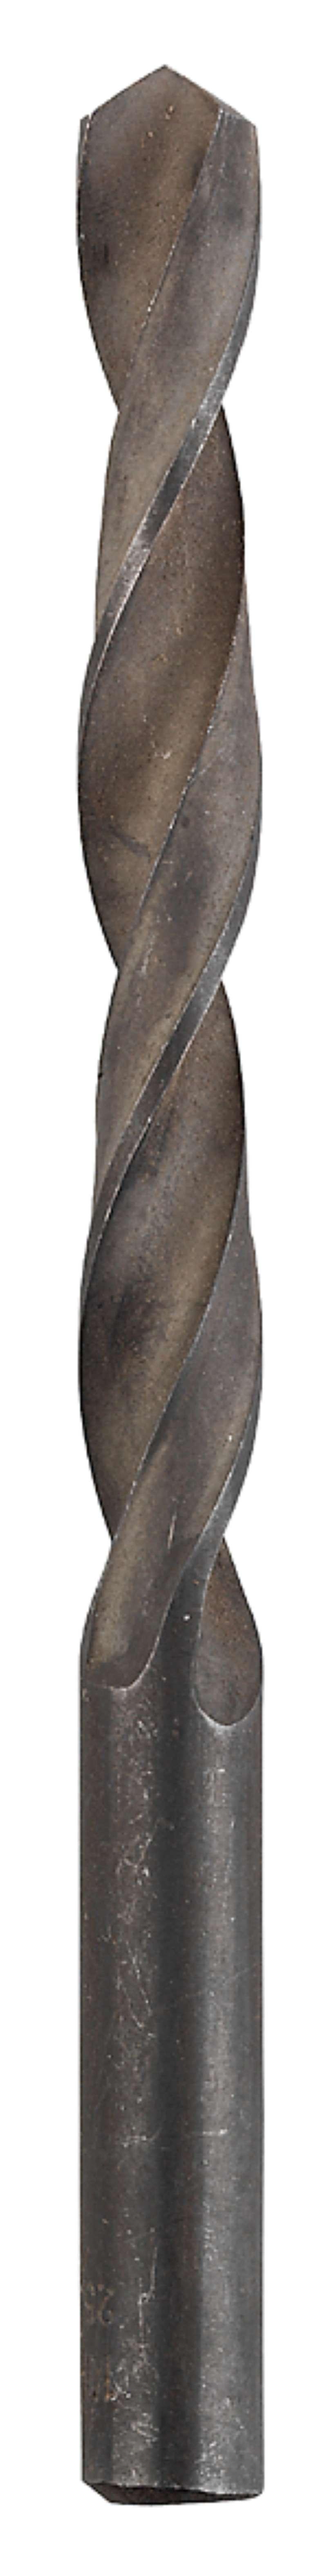 Сверло по металлу Kwb 209-625